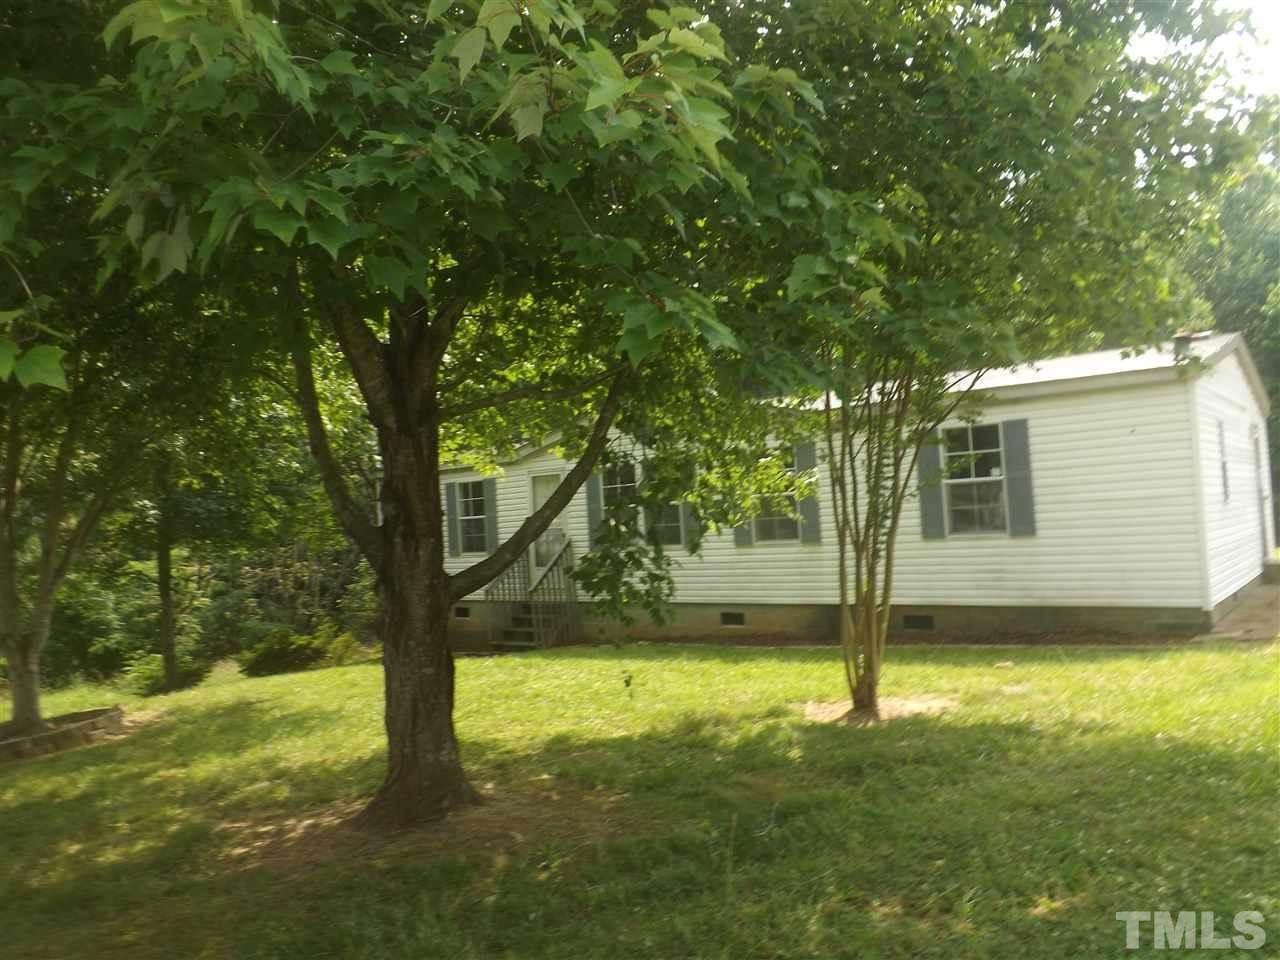 197 Allred St, Franklinville, NC 27248